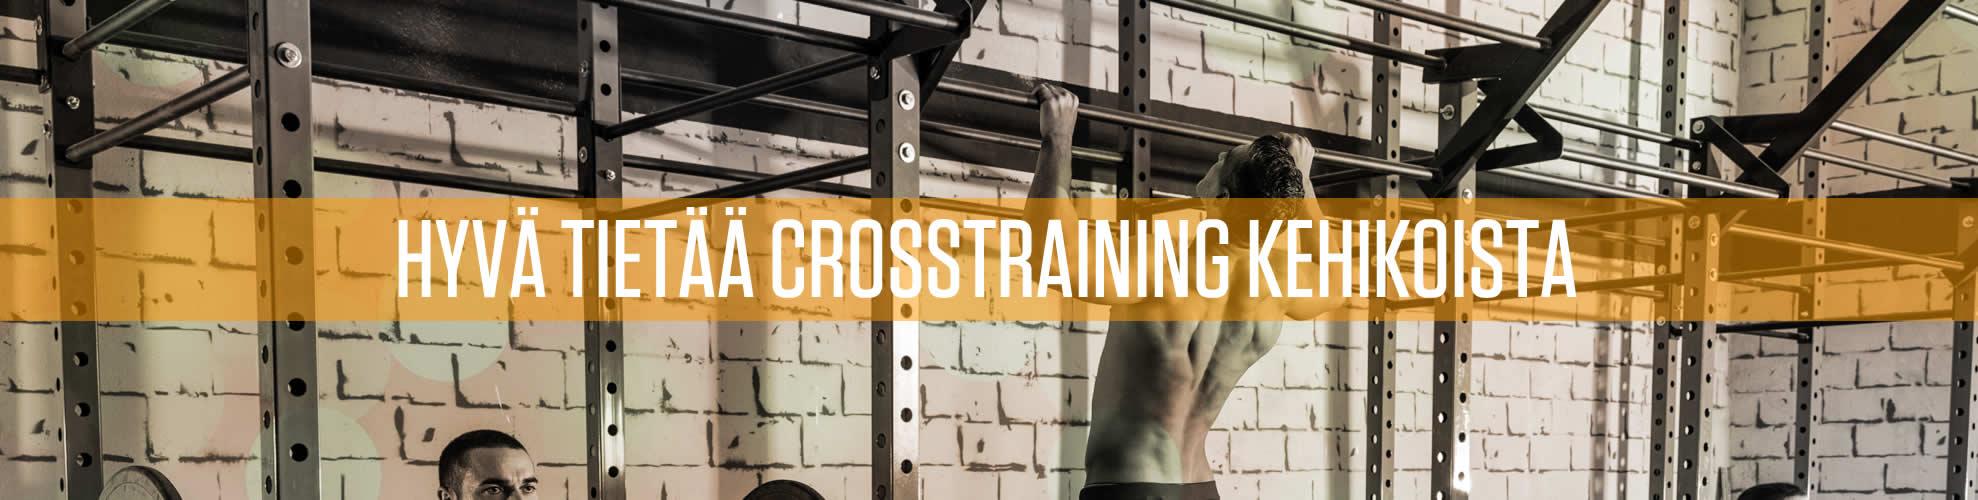 Hyvä tietää crosstraining kehikoista